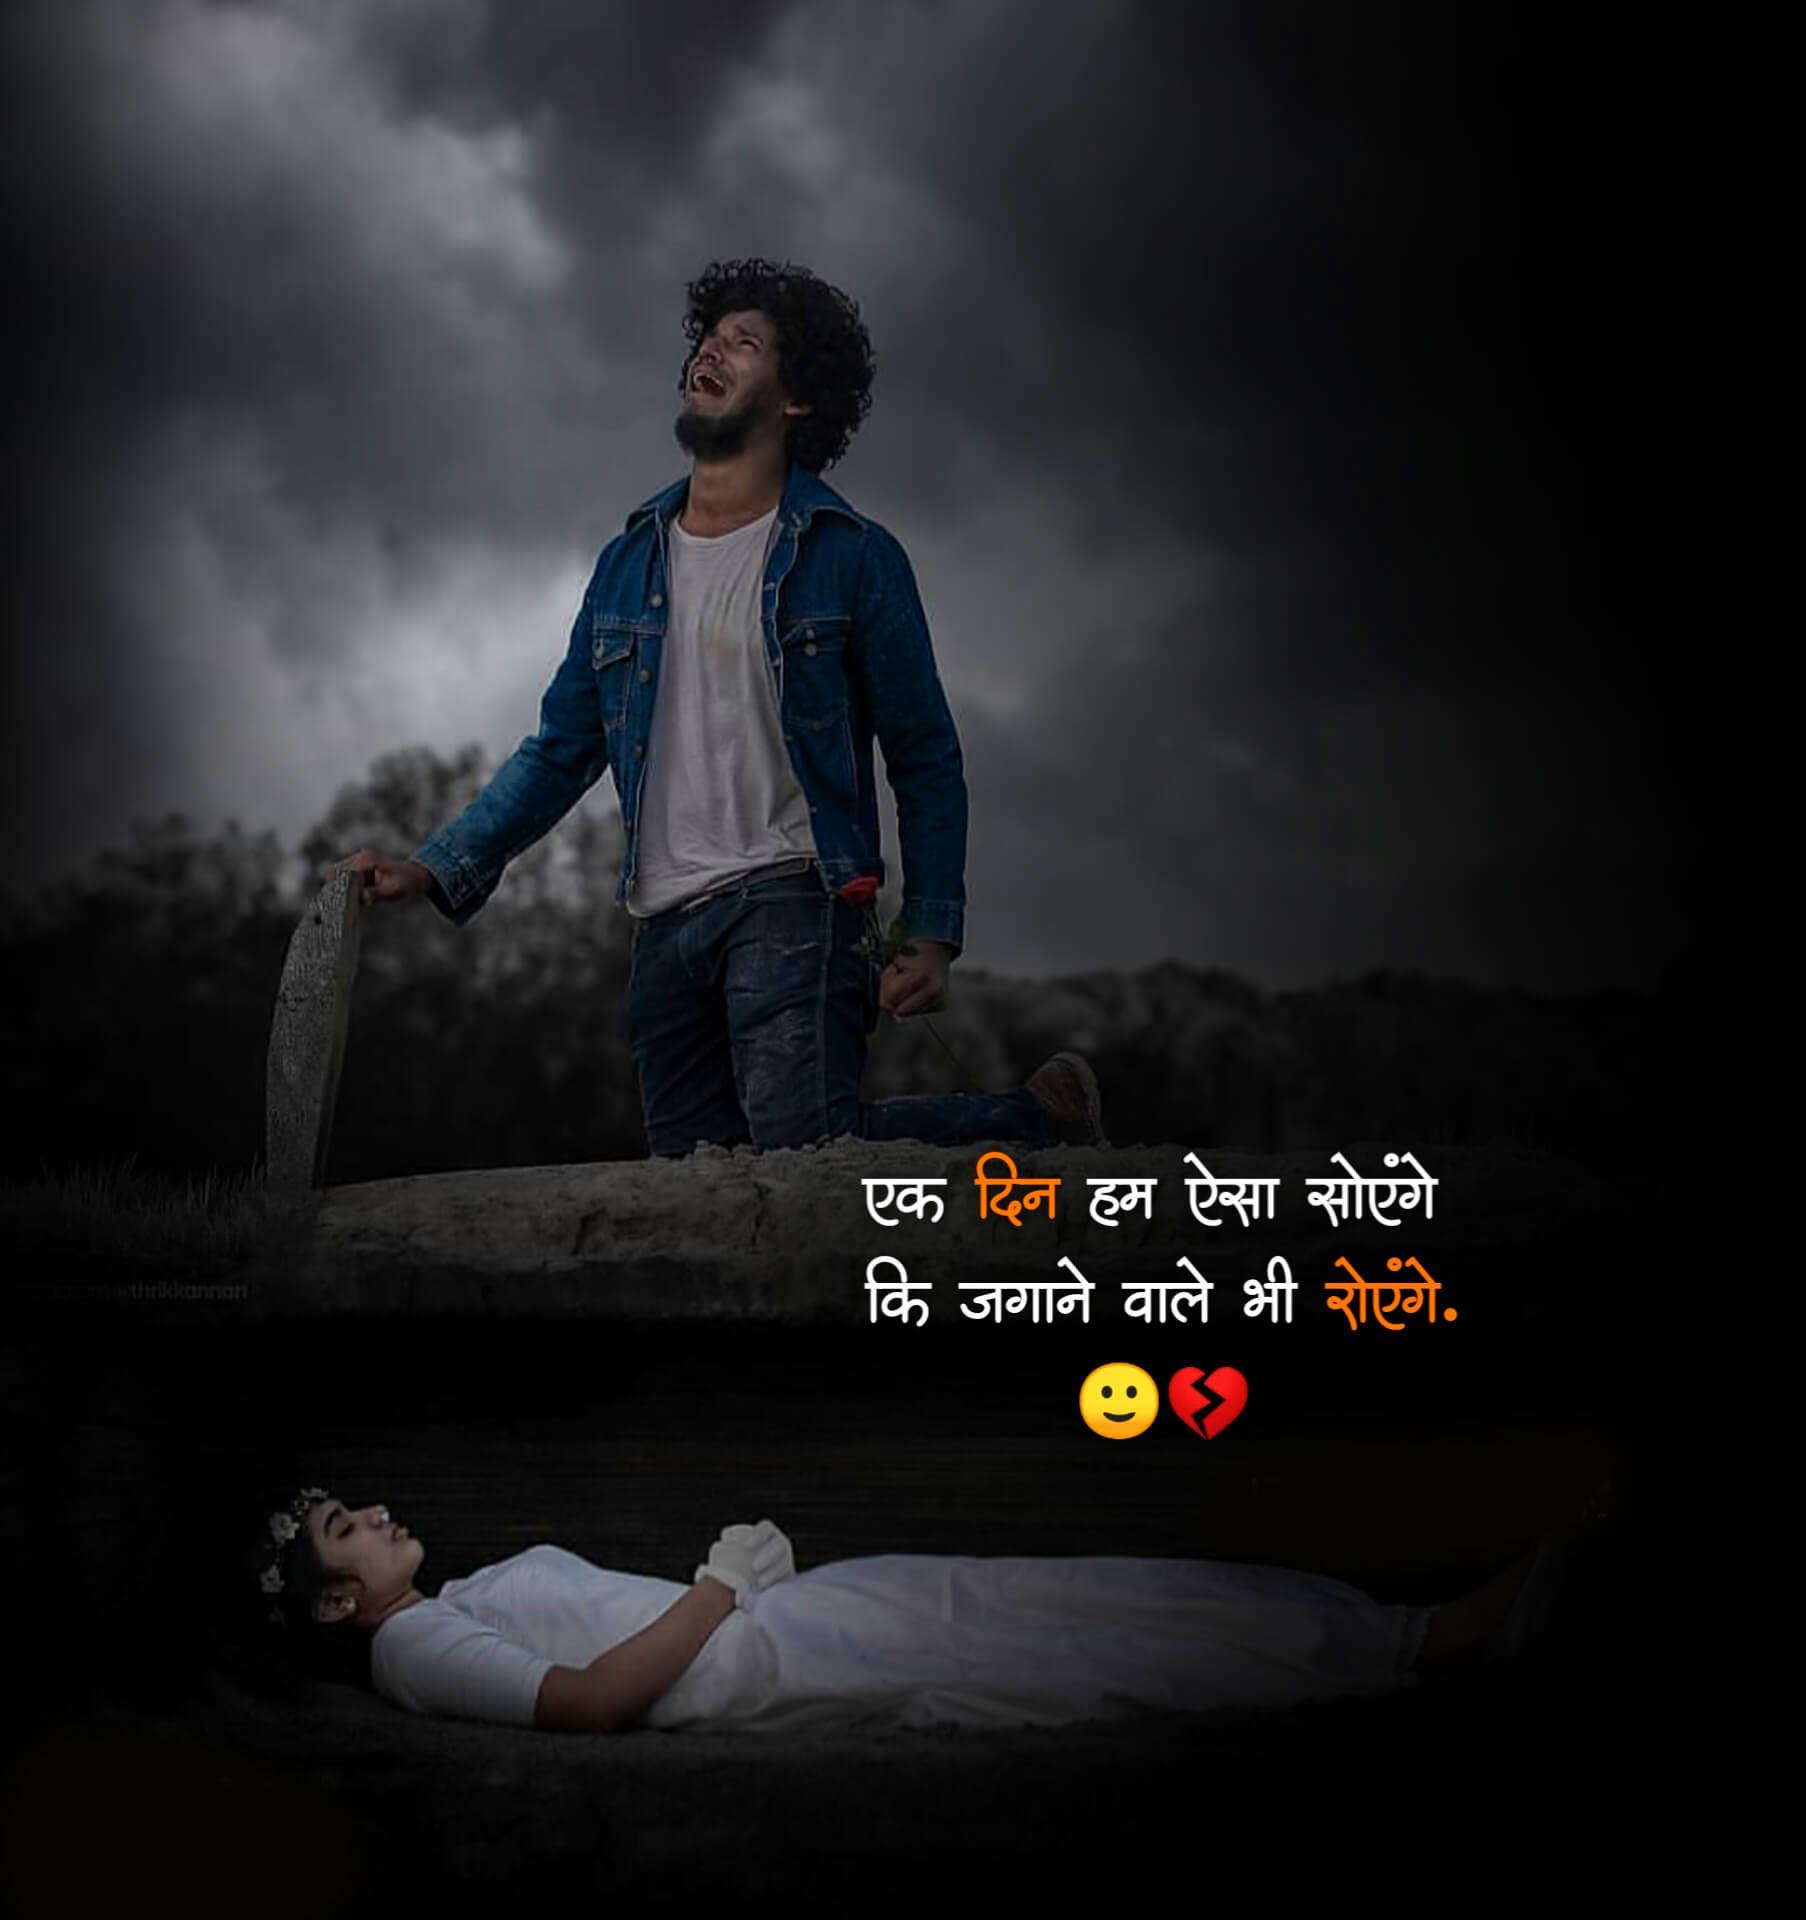 New Sad Boy Shayari Images